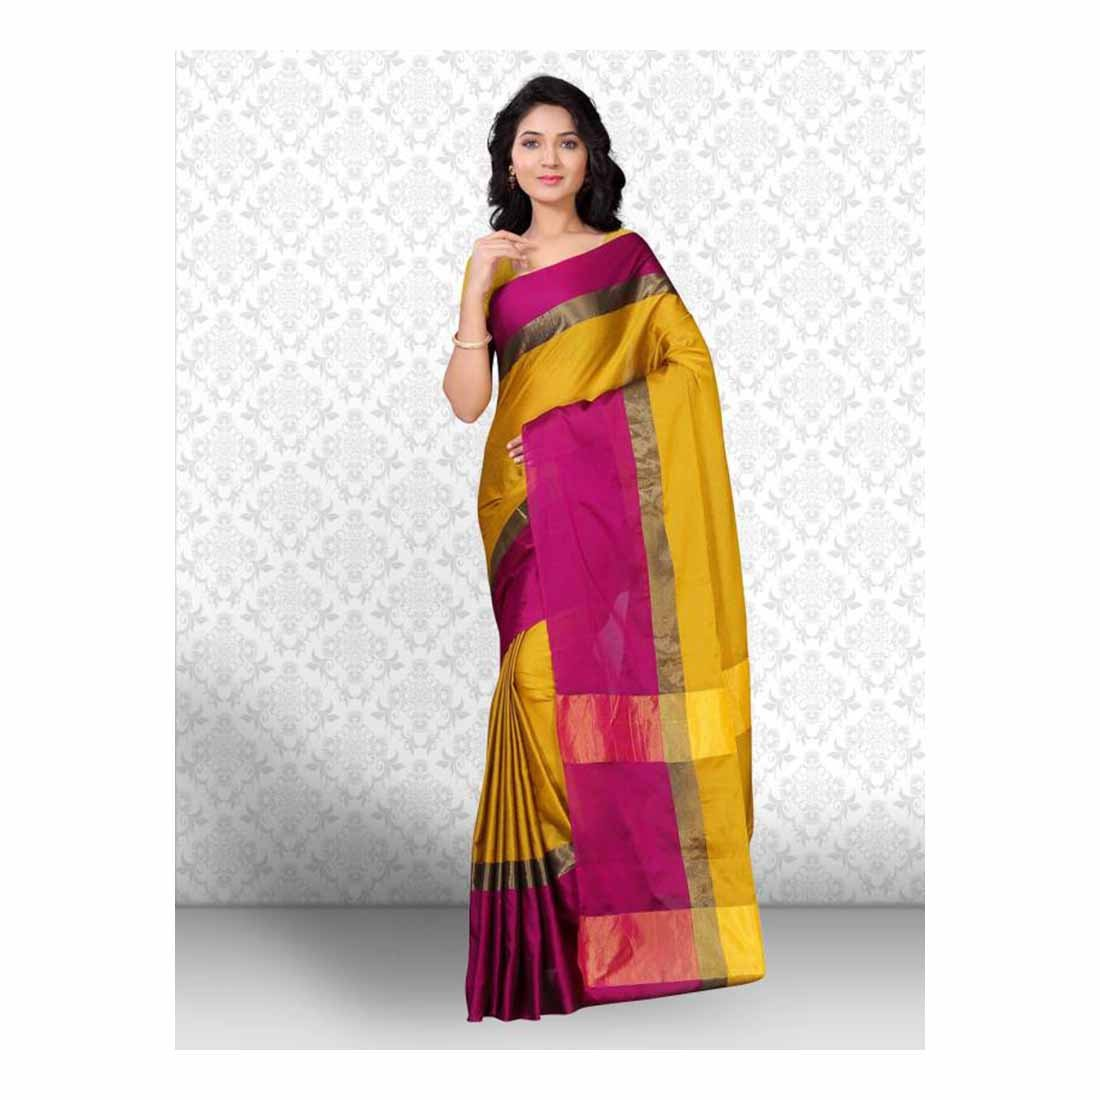 Striped, Printed, Solid Kanjivaram Art Silk Saree (Yellow, Pink) Indian Handicrfats Export FKSAR-0824